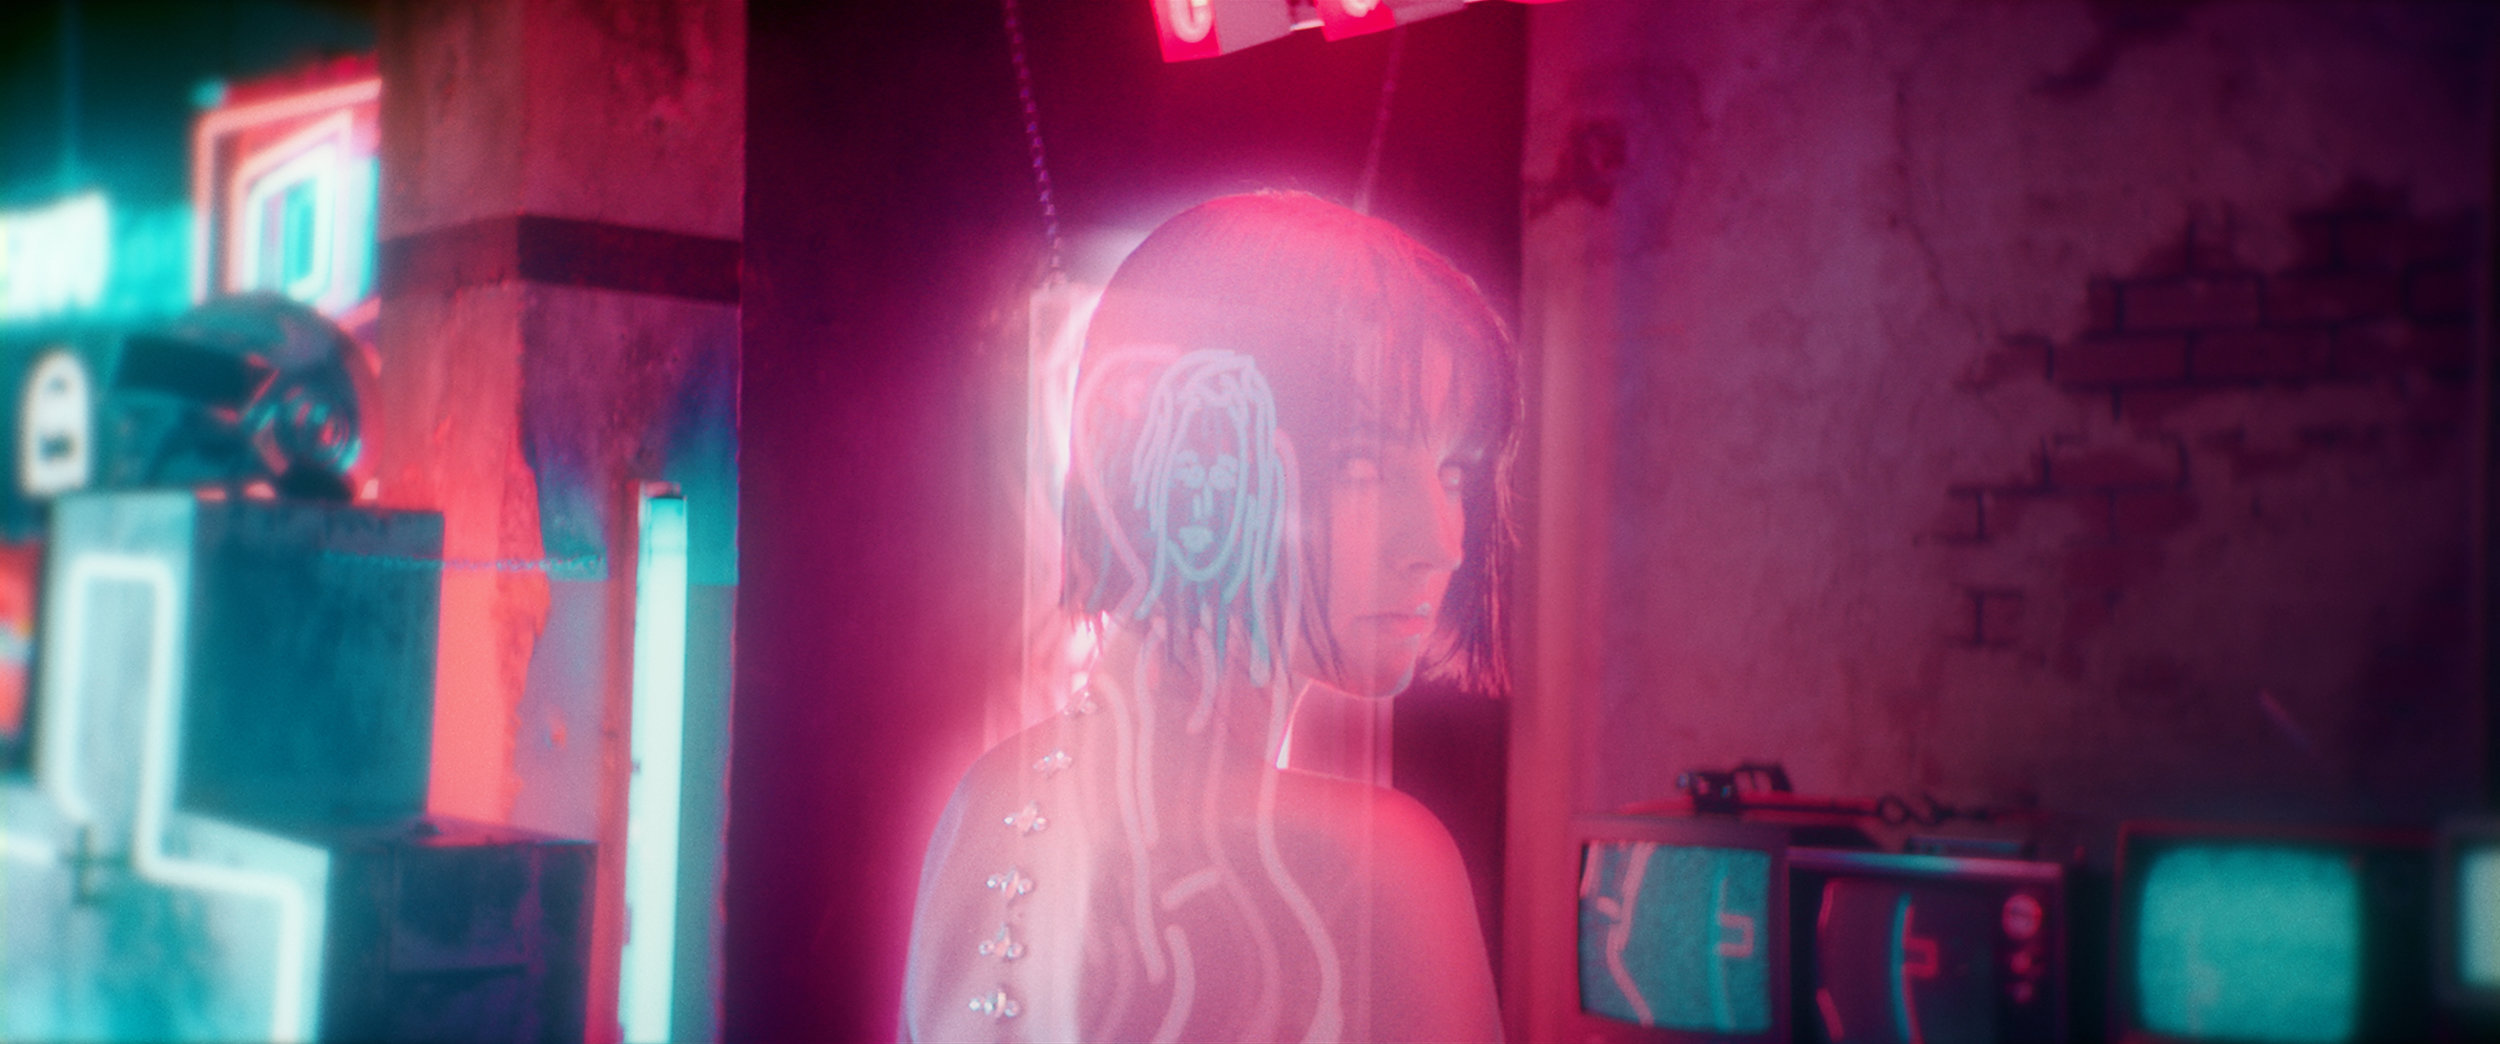 Hologram001.jpg